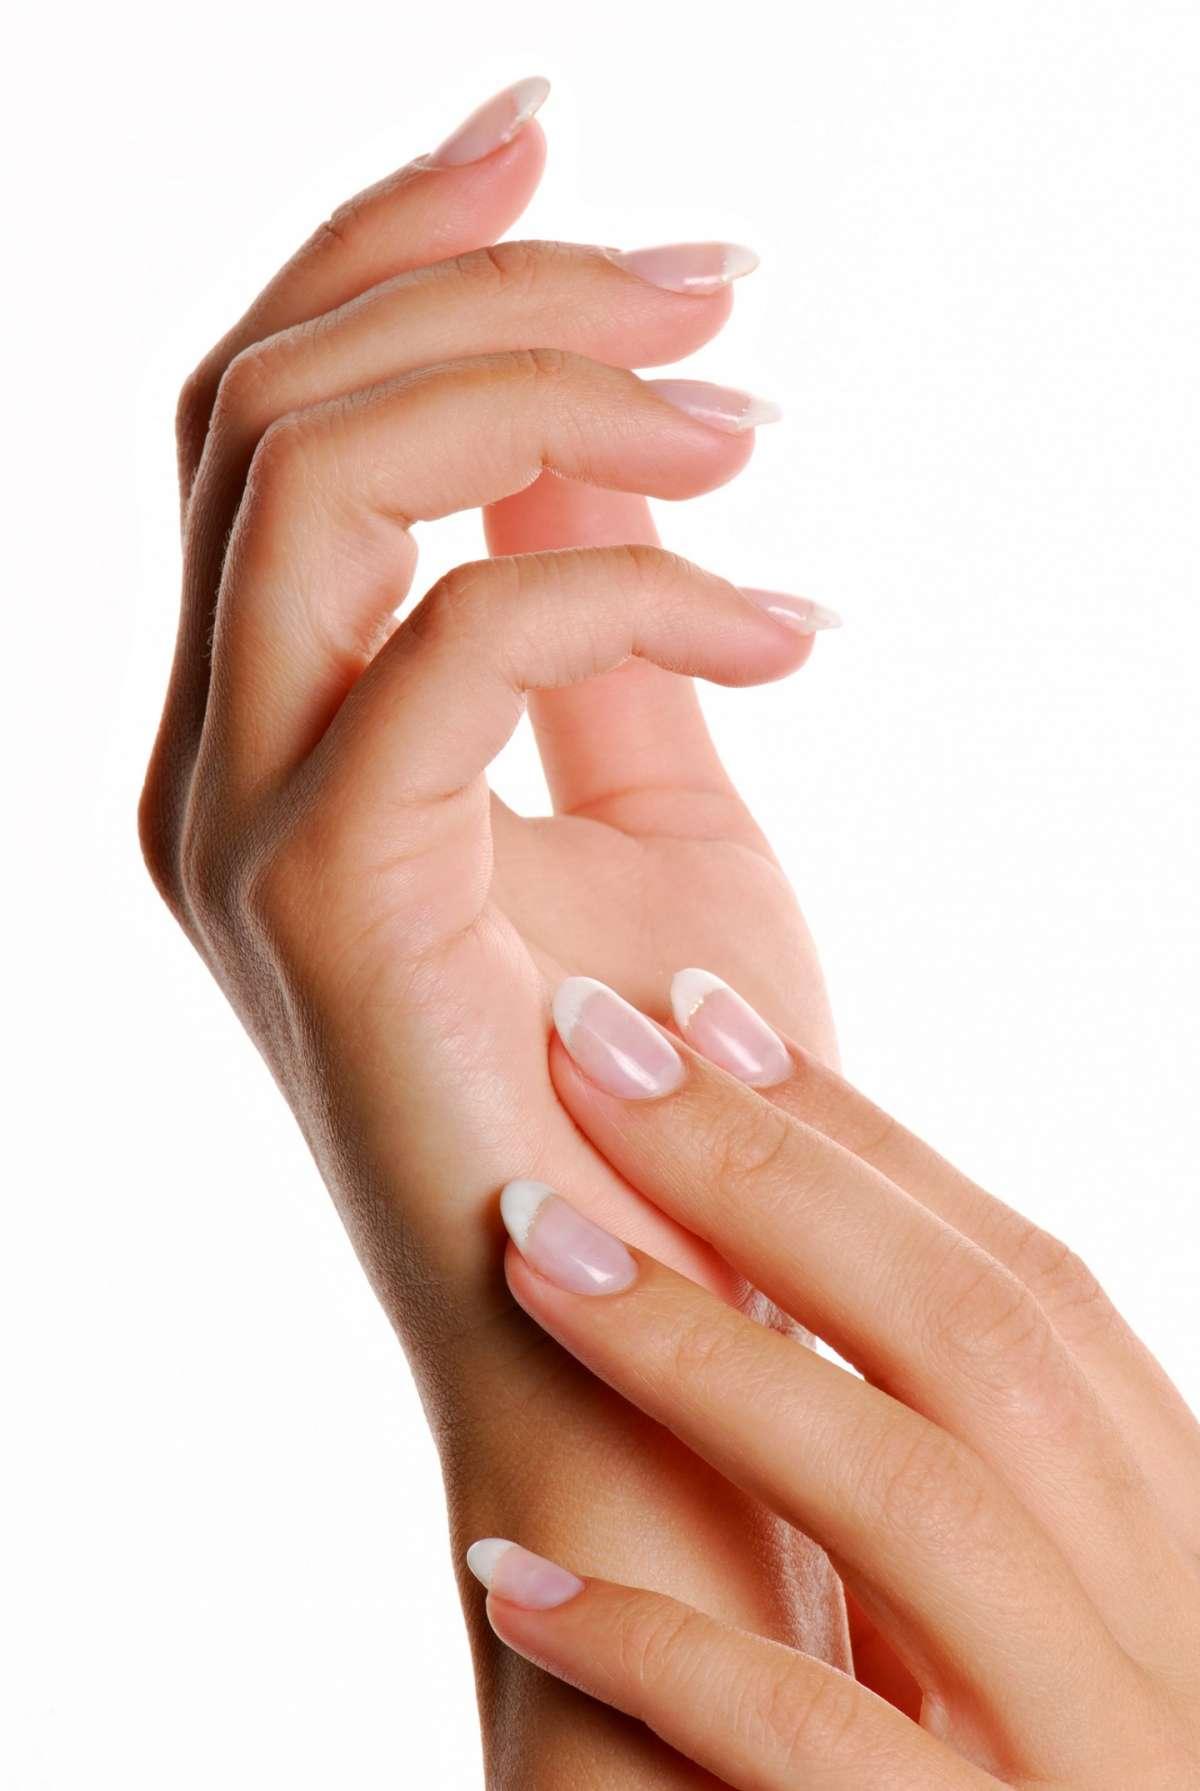 Eczema alle mani, informazioni sull'infiammazione